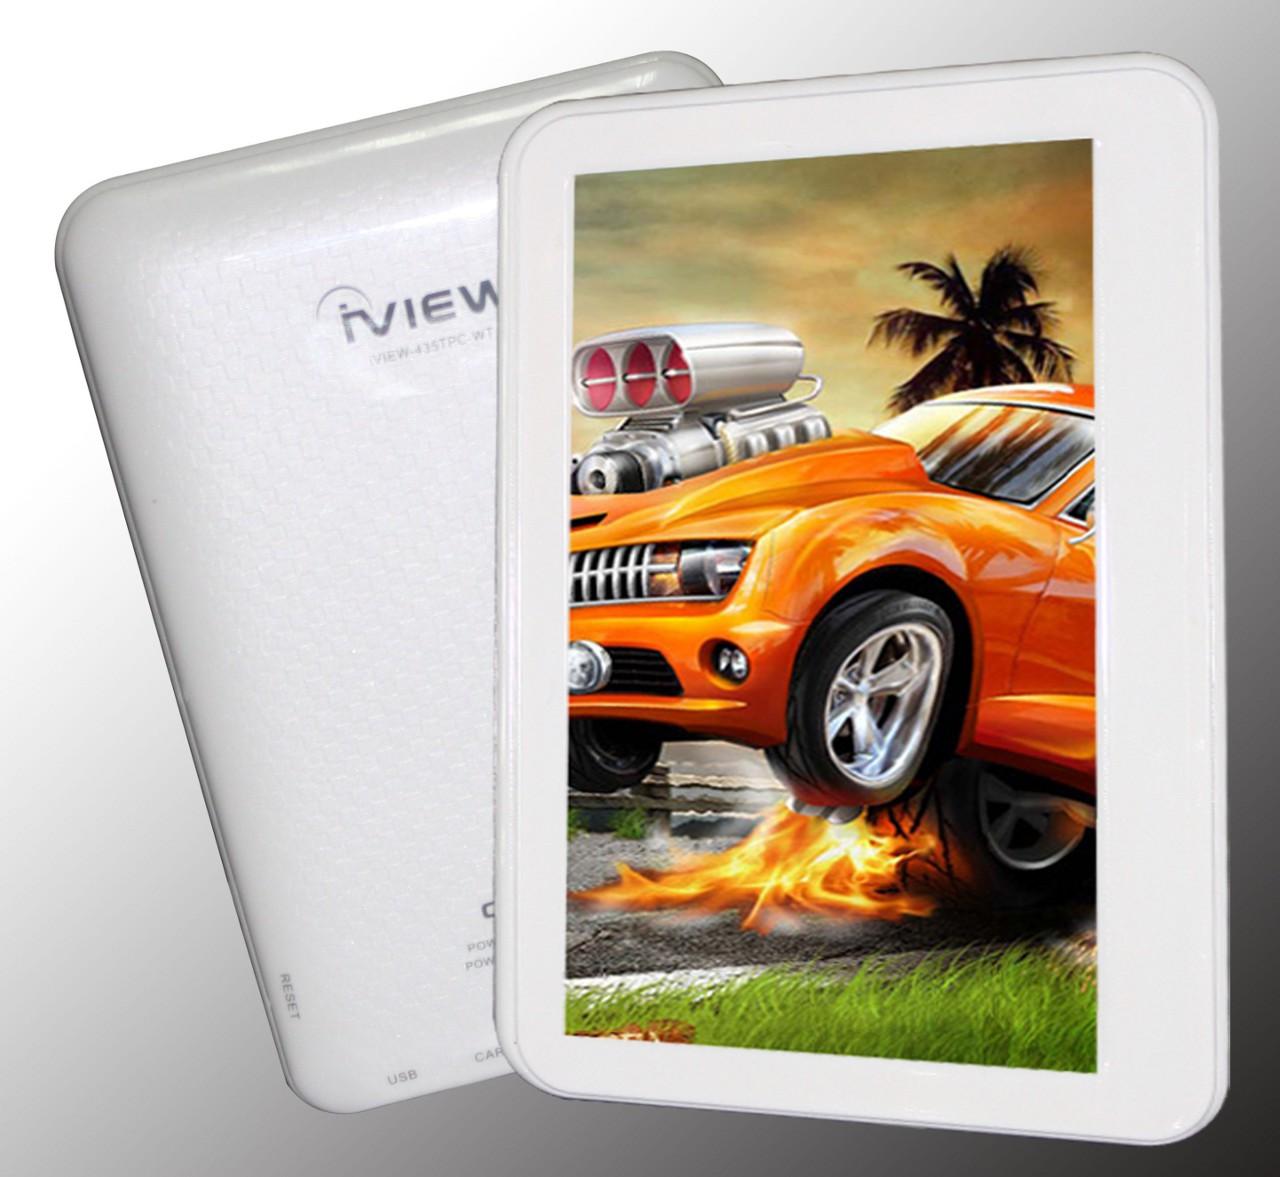 iView Cyberpad — типичный представитель бюджетной субпланшетки: диагональ экрана - меньше 5 дюймов, цена - ниже $50.